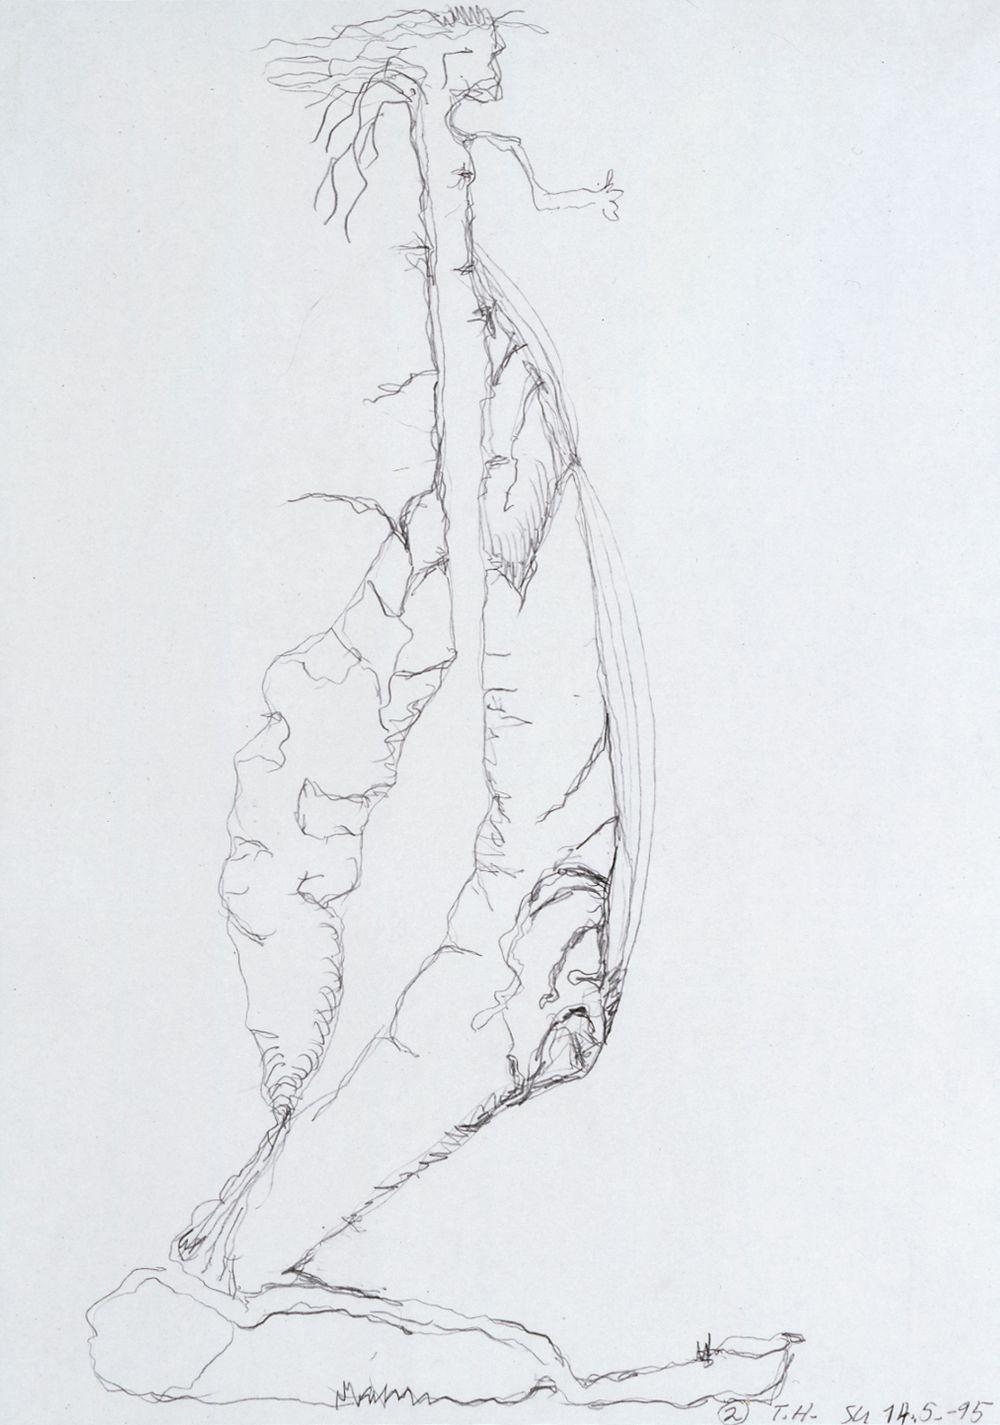 Piirustus